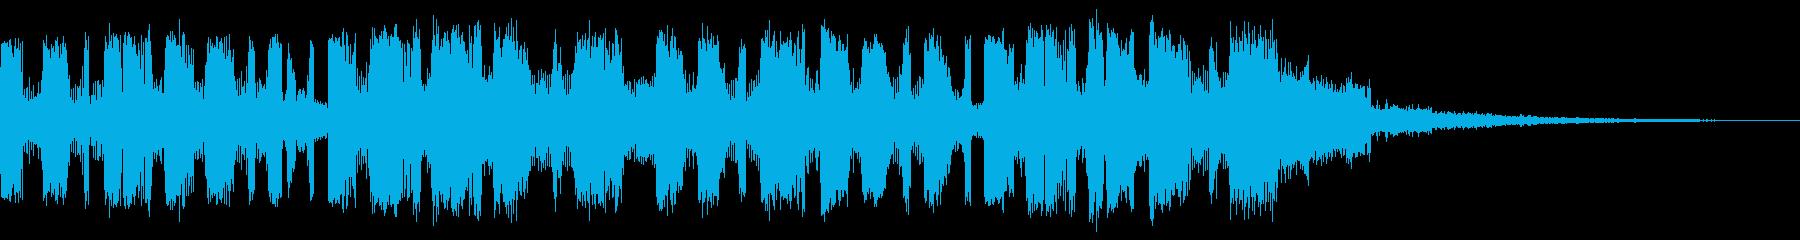 ミステリアスシリアスポップジングルの再生済みの波形